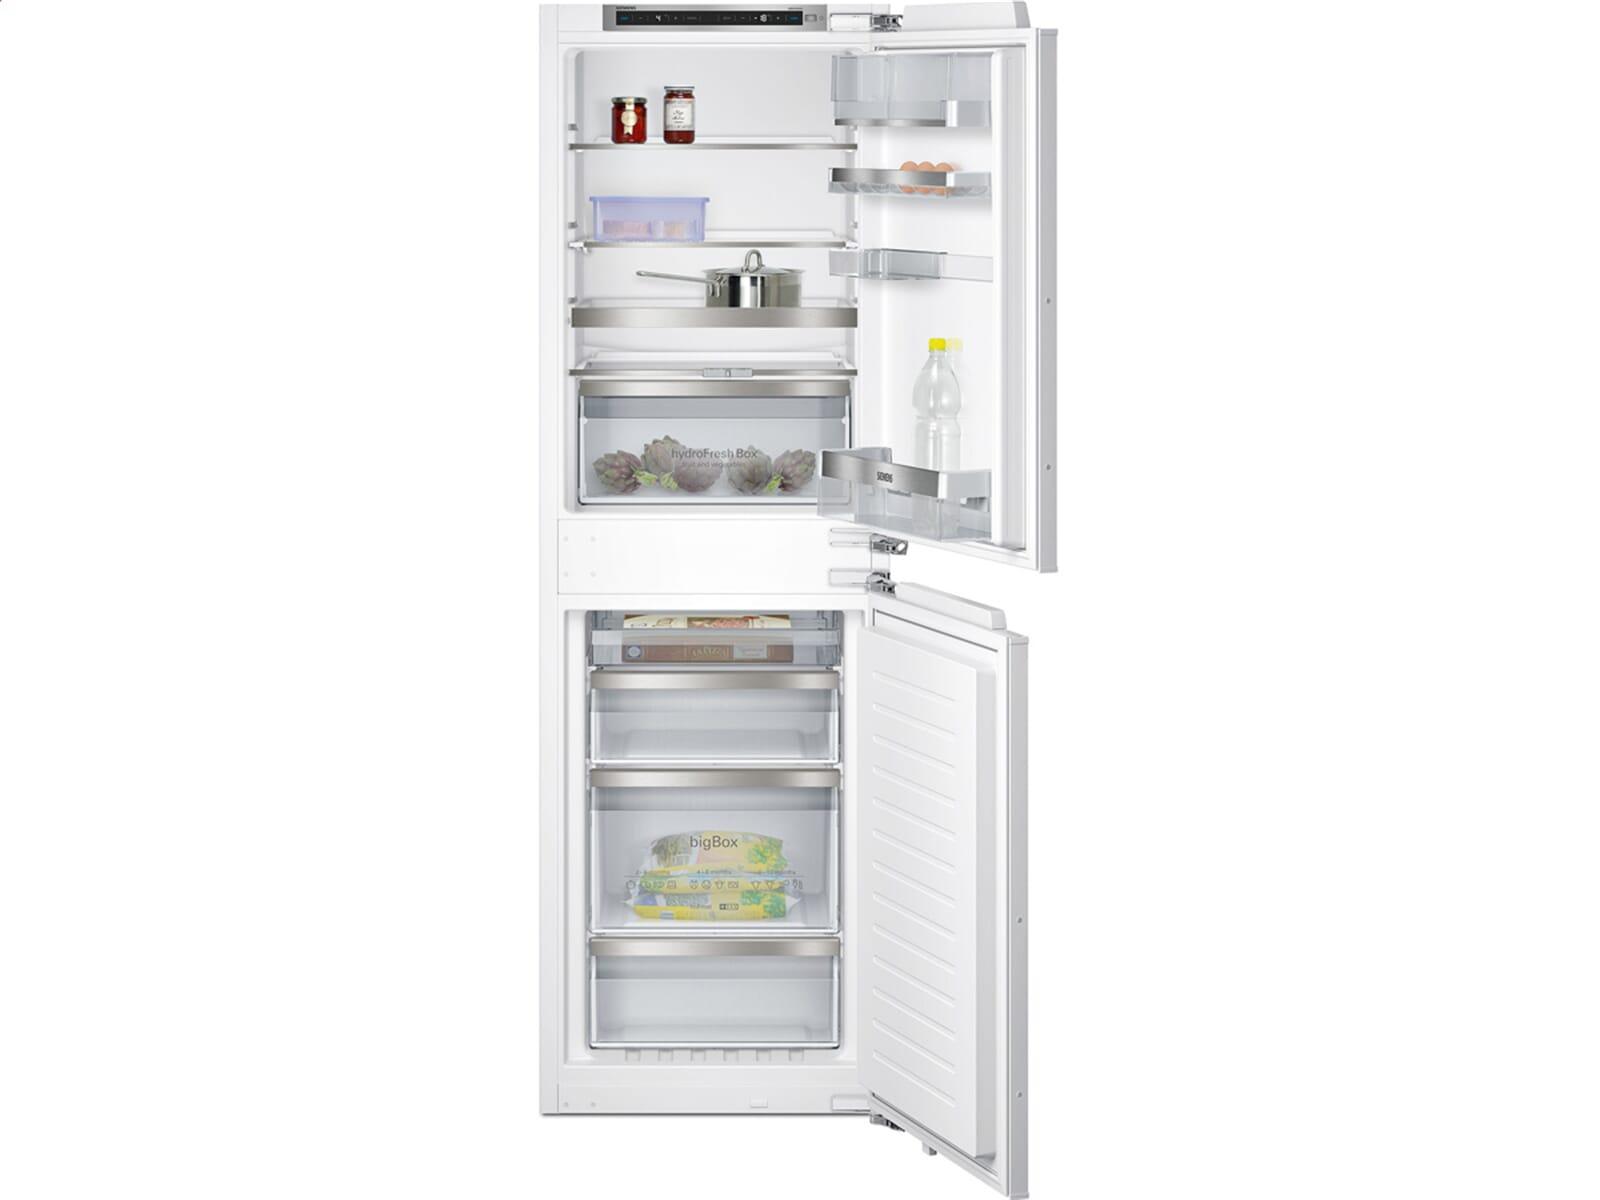 Kühlschrank No Frost A : Einbau kühlschrank no frost liebherr premium bio fresh no frost